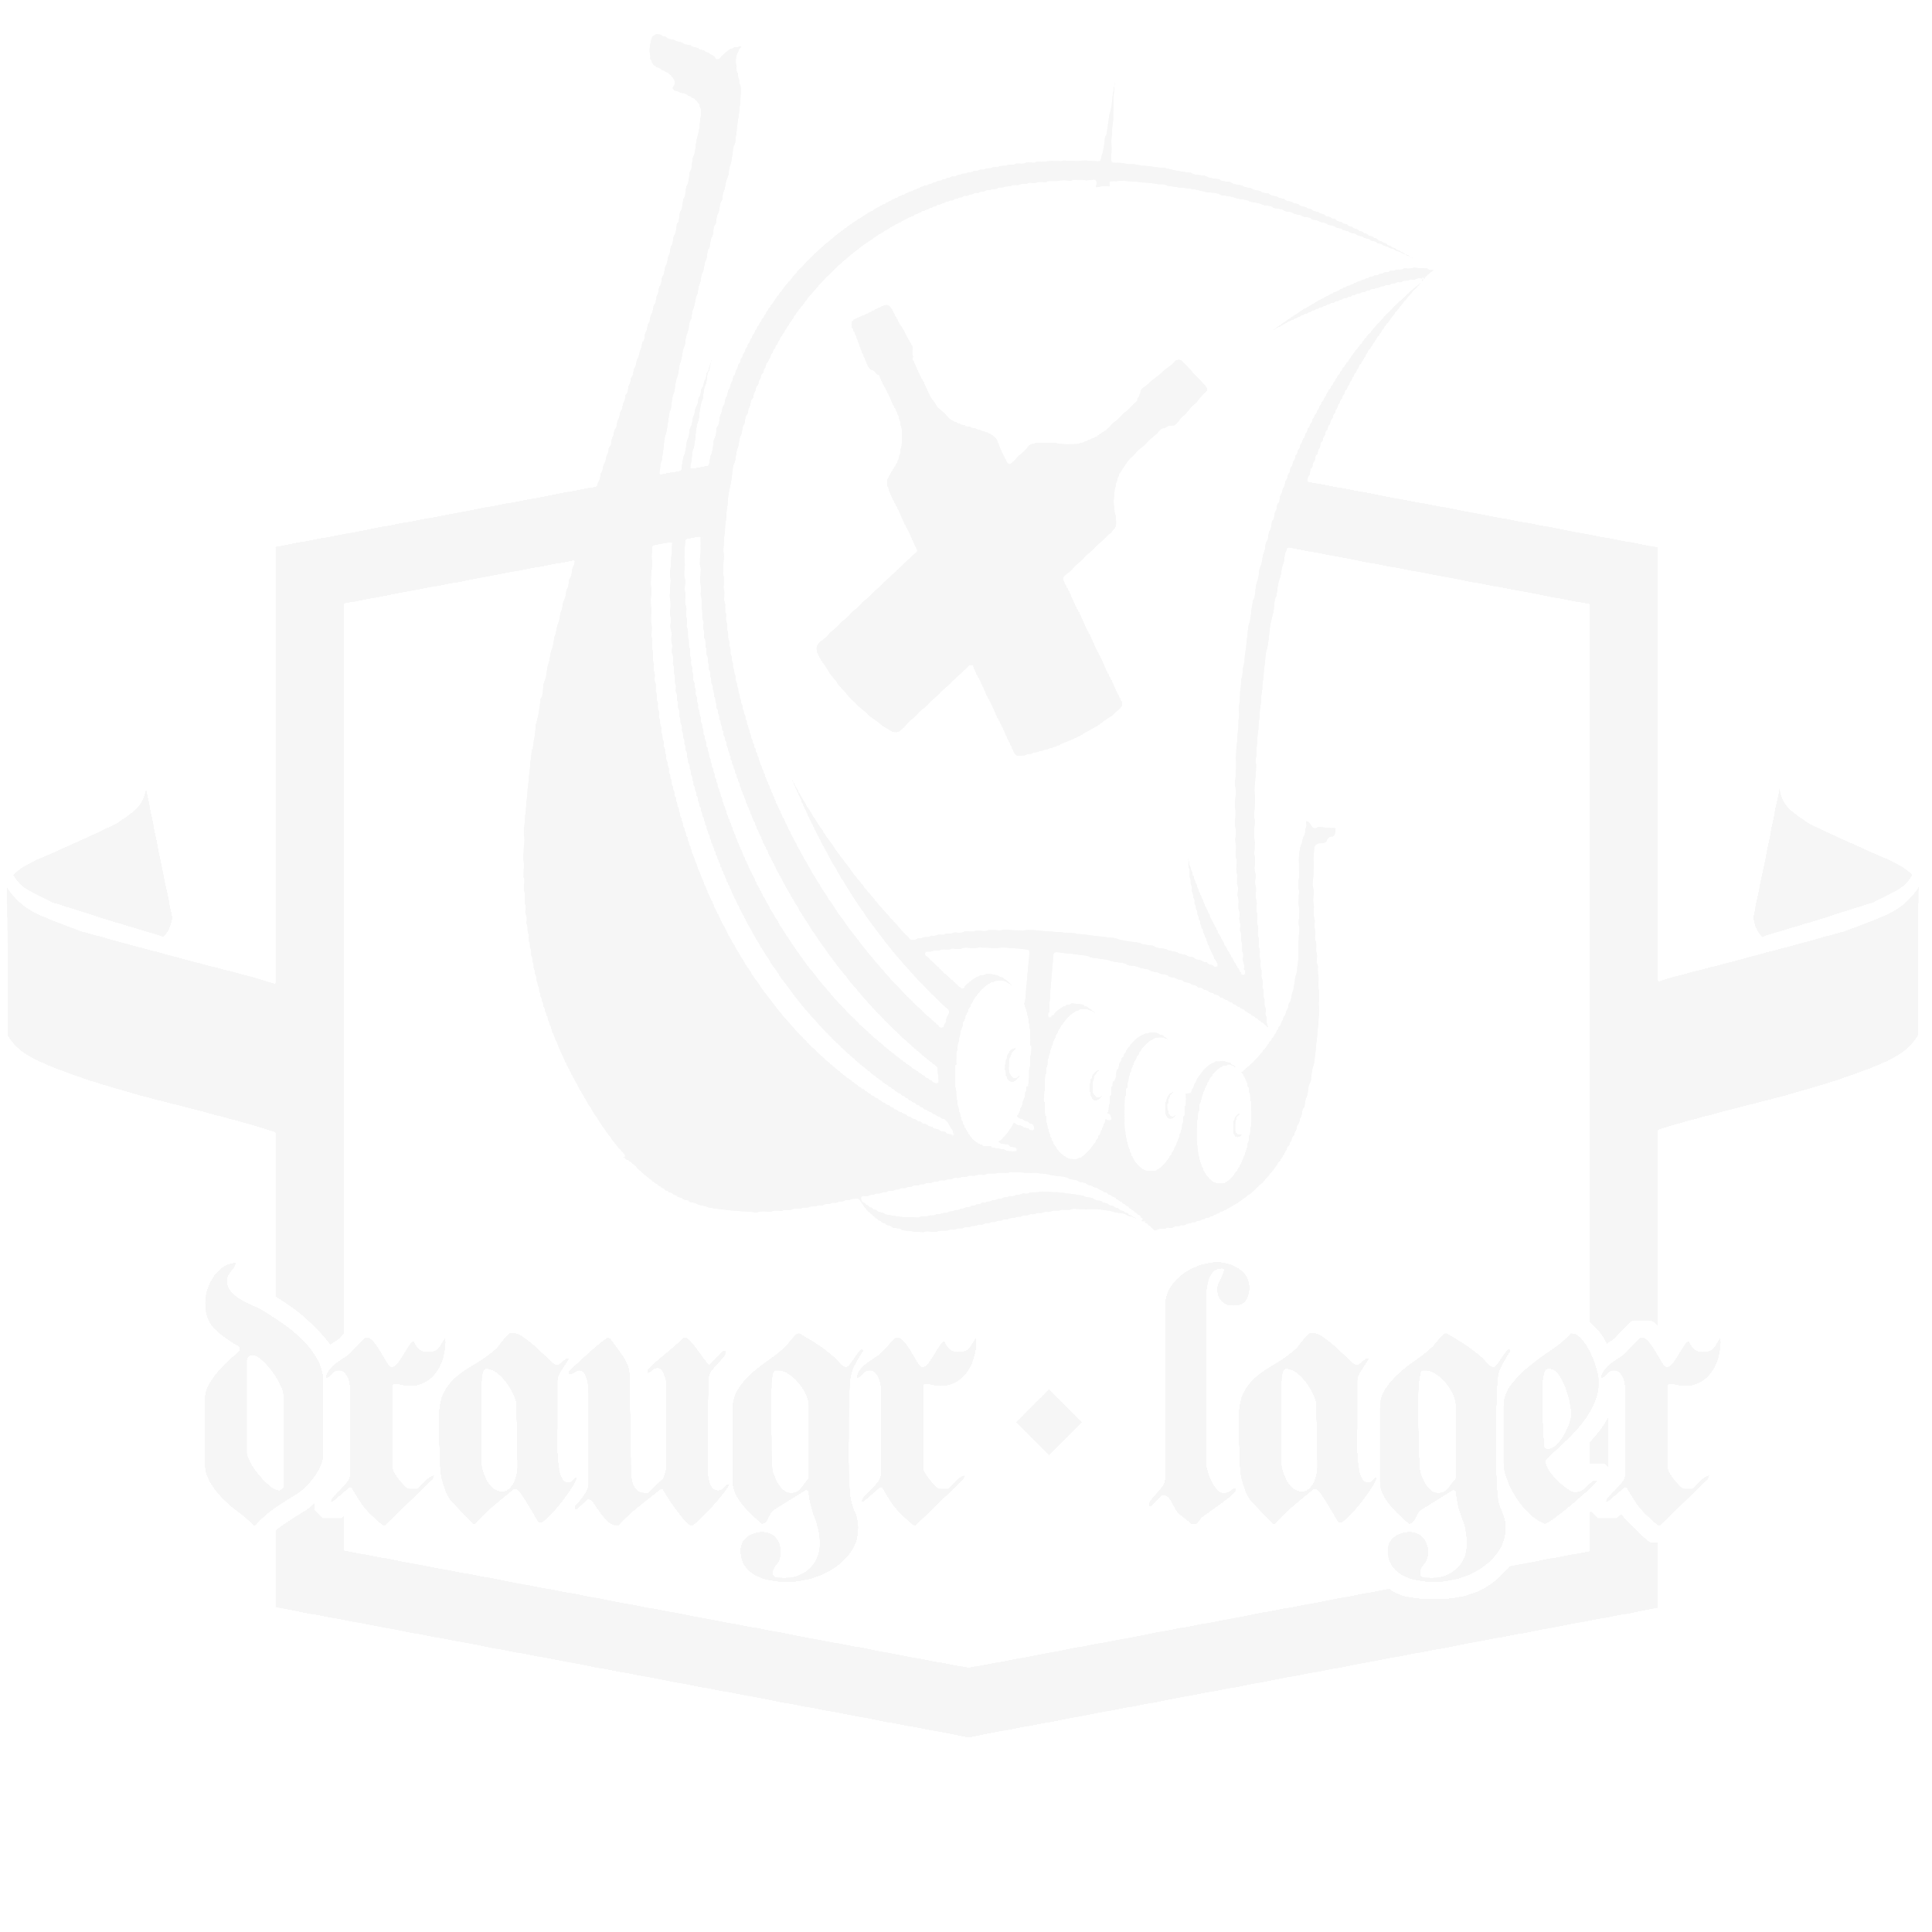 DraugrLager-Logo-White.png